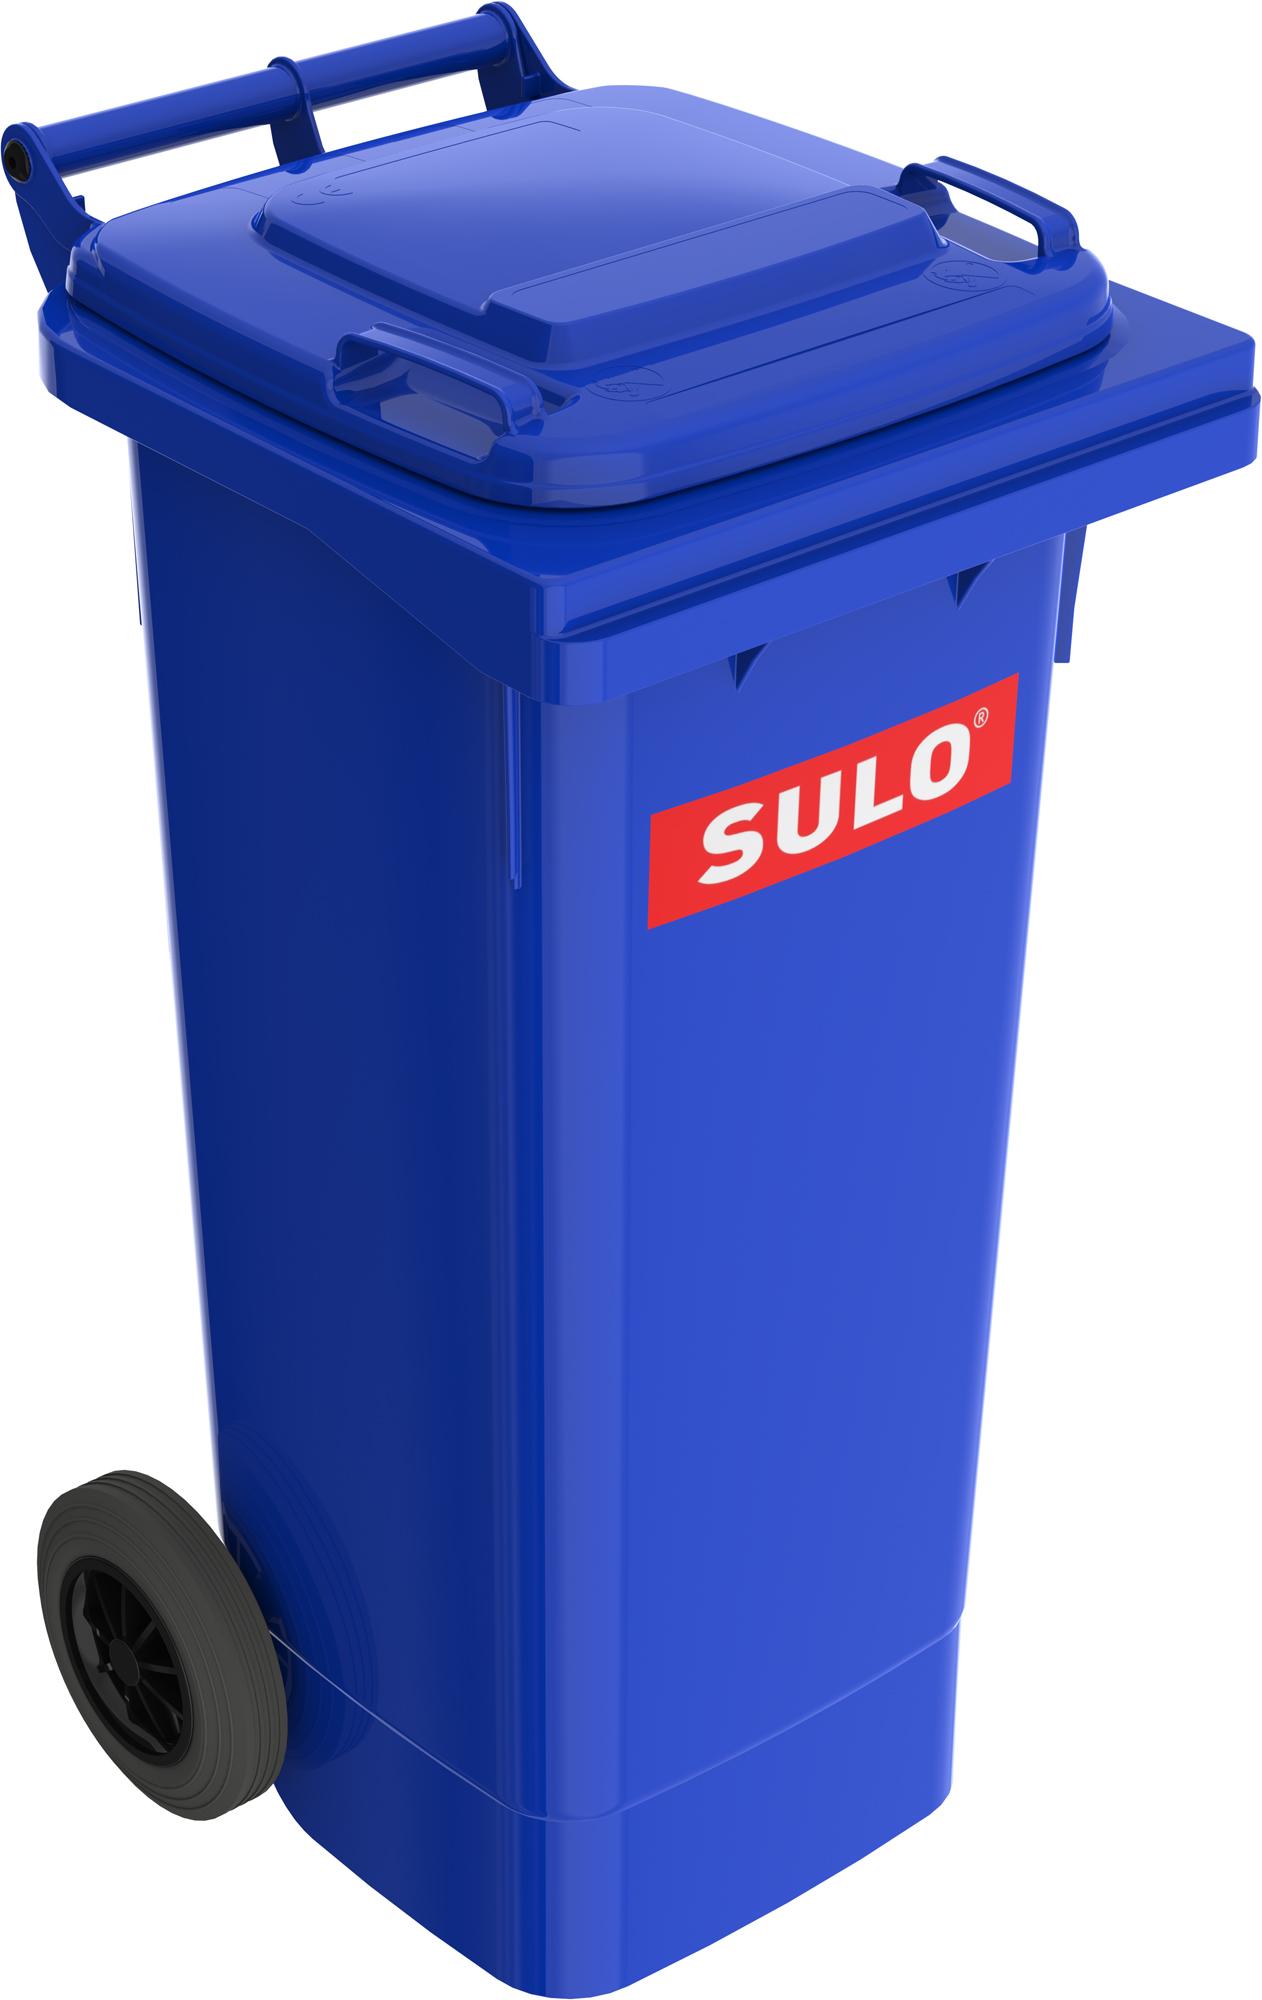 Europubela Din Material Plastic 80l Culoare Albastra Mevatec - Transport Inclus 2021 sanito.ro